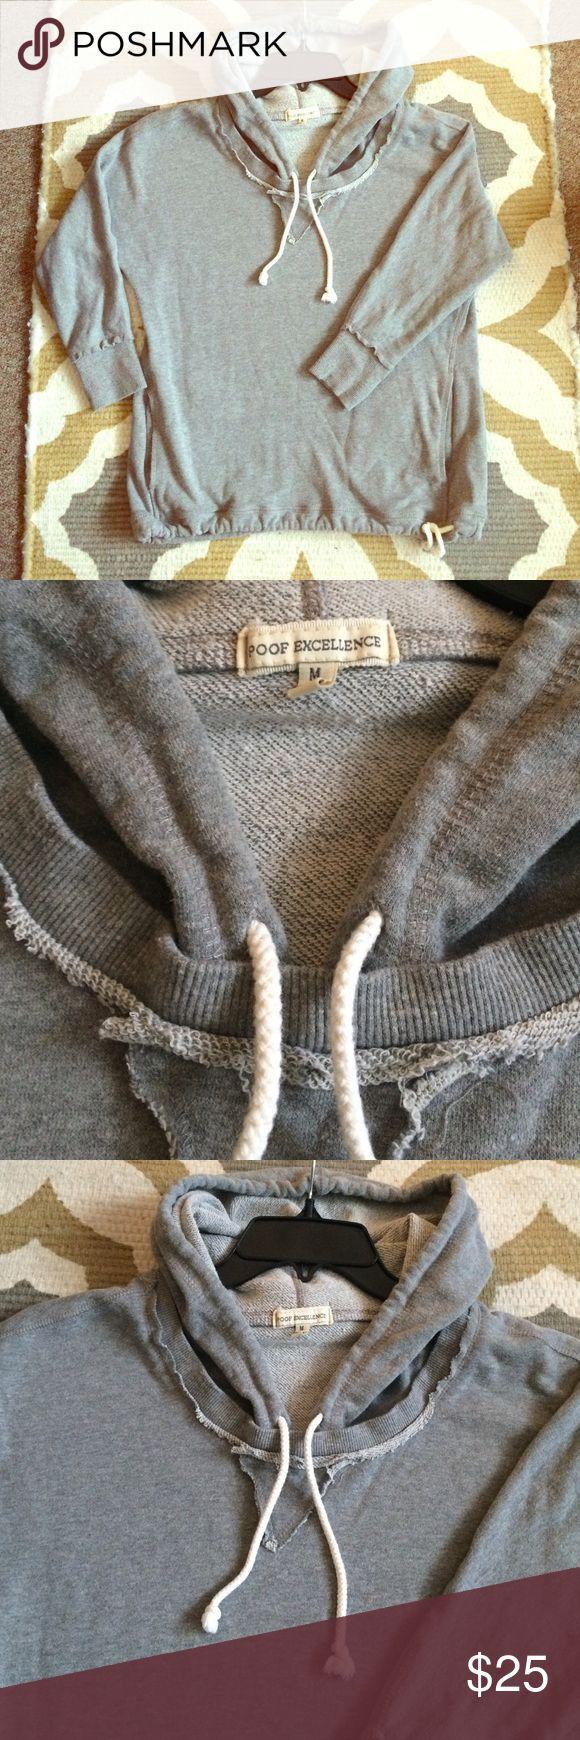 Collection Burlington Coat Factory Winter Coats Pictures ...